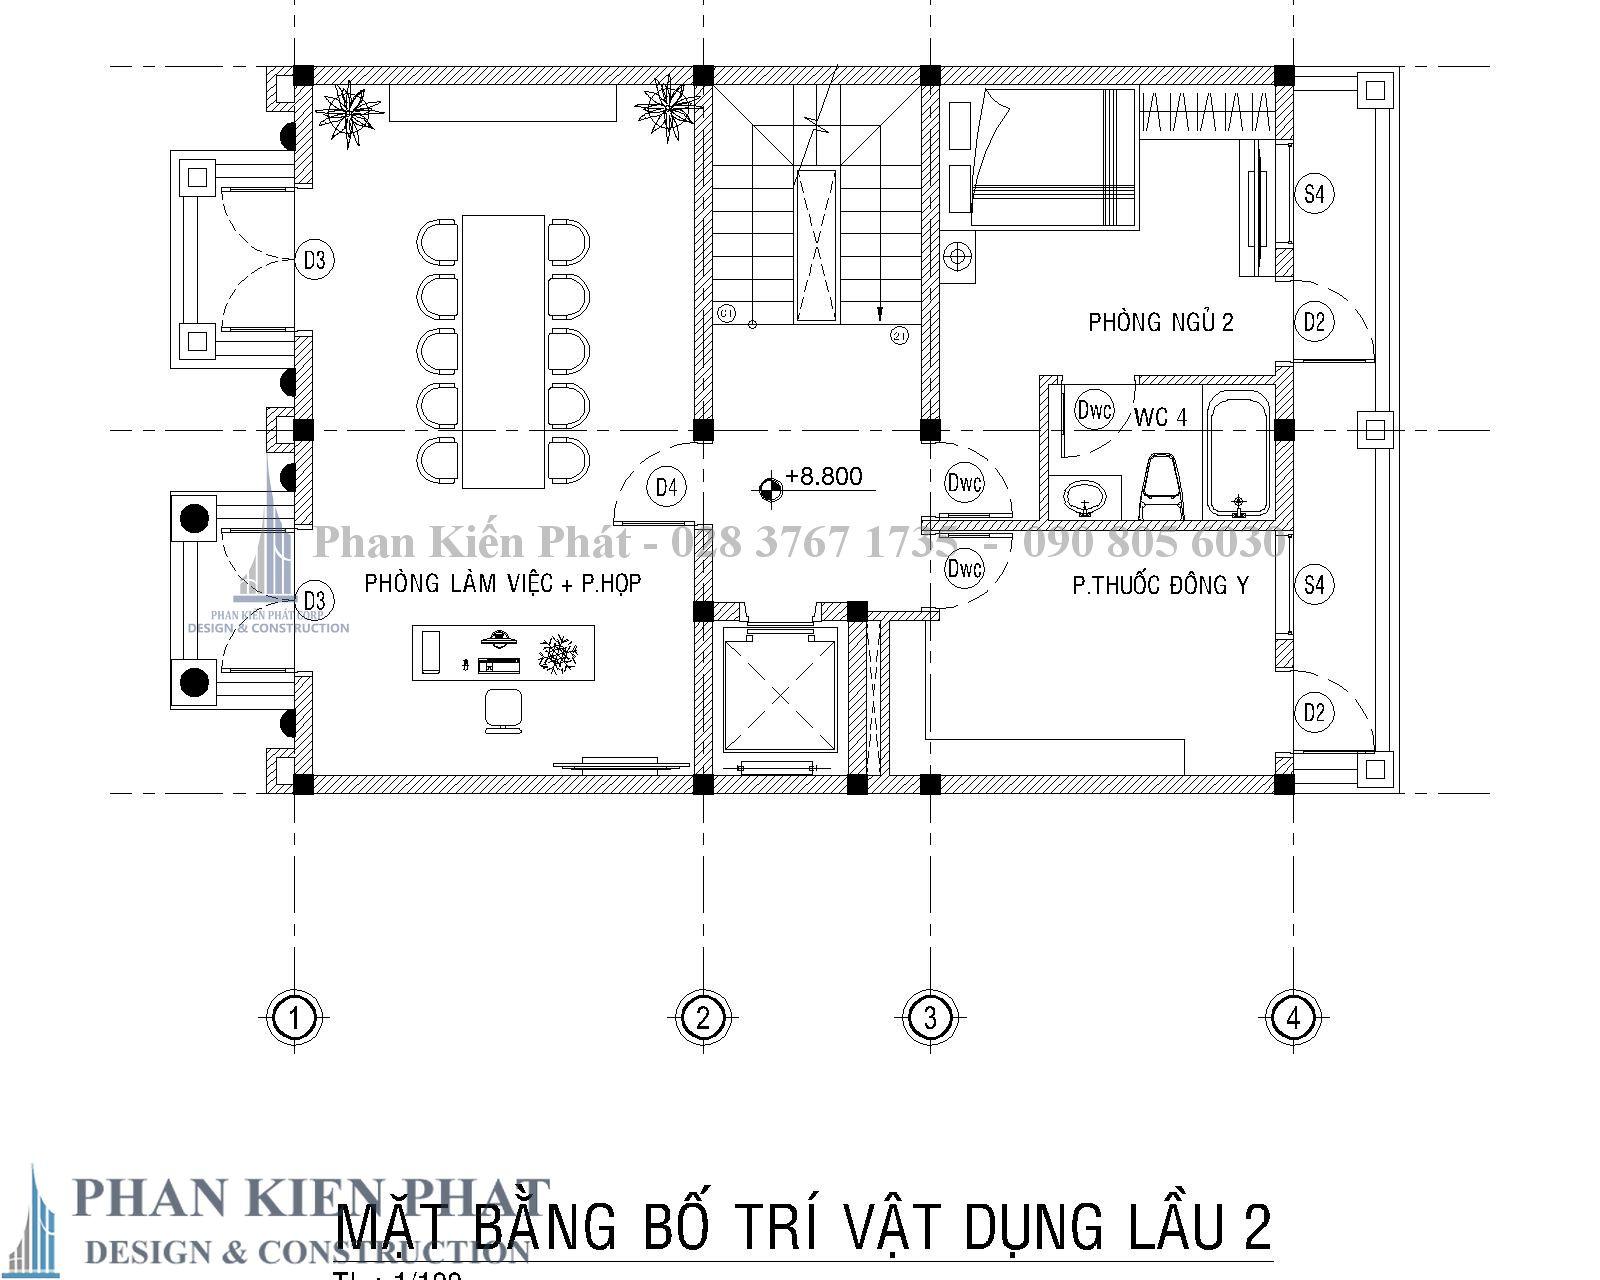 Mat Bang Bo Tri Vat Dung Lau 2 Biet Thu Co Dien - Thiết kế biệt thự cổ điển